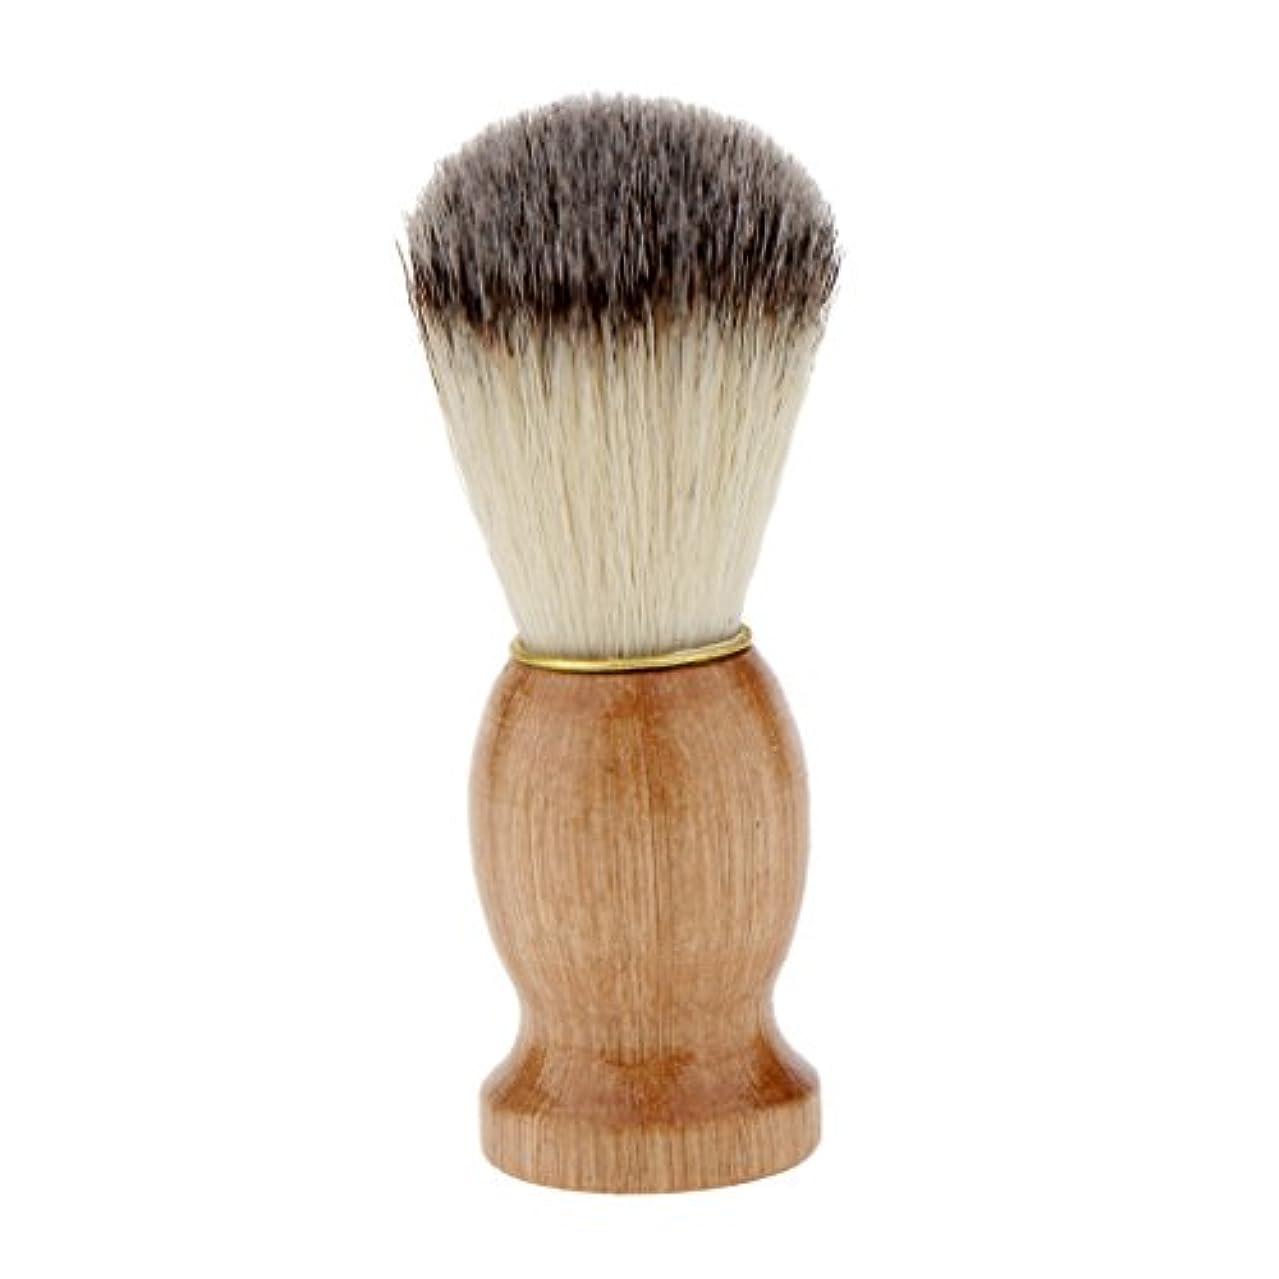 エジプト人大腿高潔な男性ギフト剃毛シェービングブラシプロ理髪店サロン剛毛ブラシウッドハンドルダストクリーニングツール